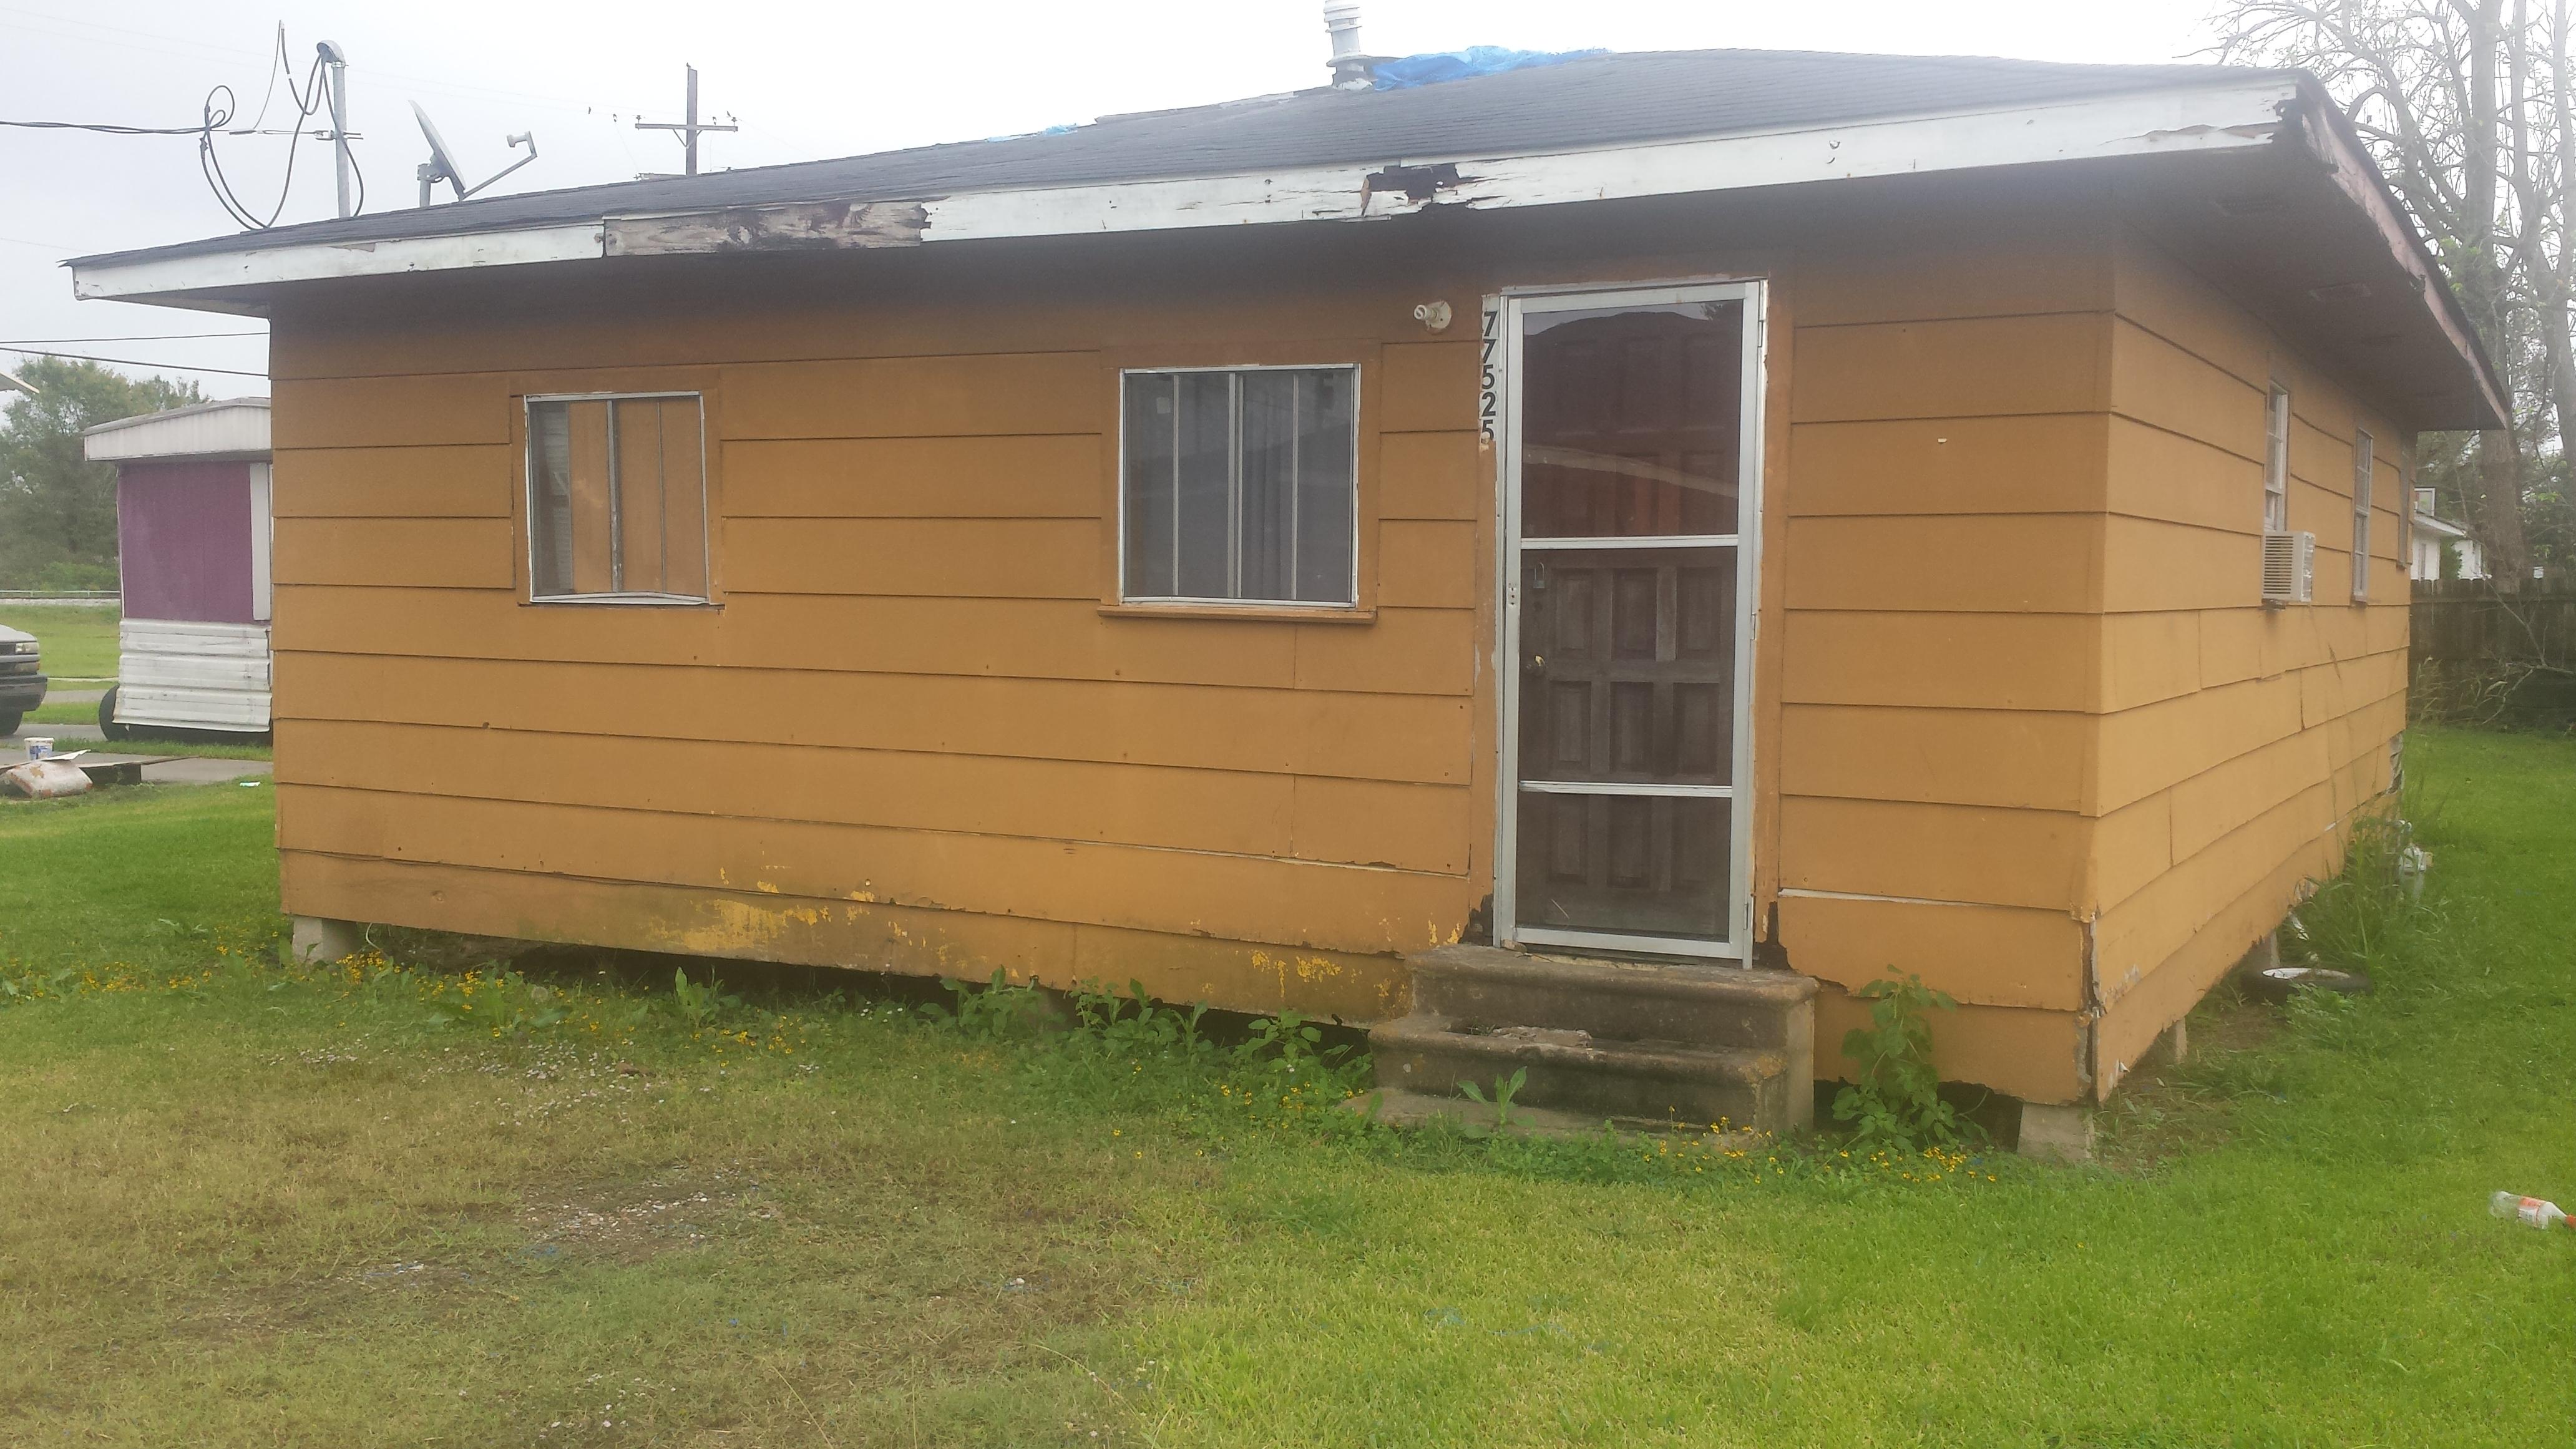 77525 Pecan St., Maringouin, Louisiana 70757